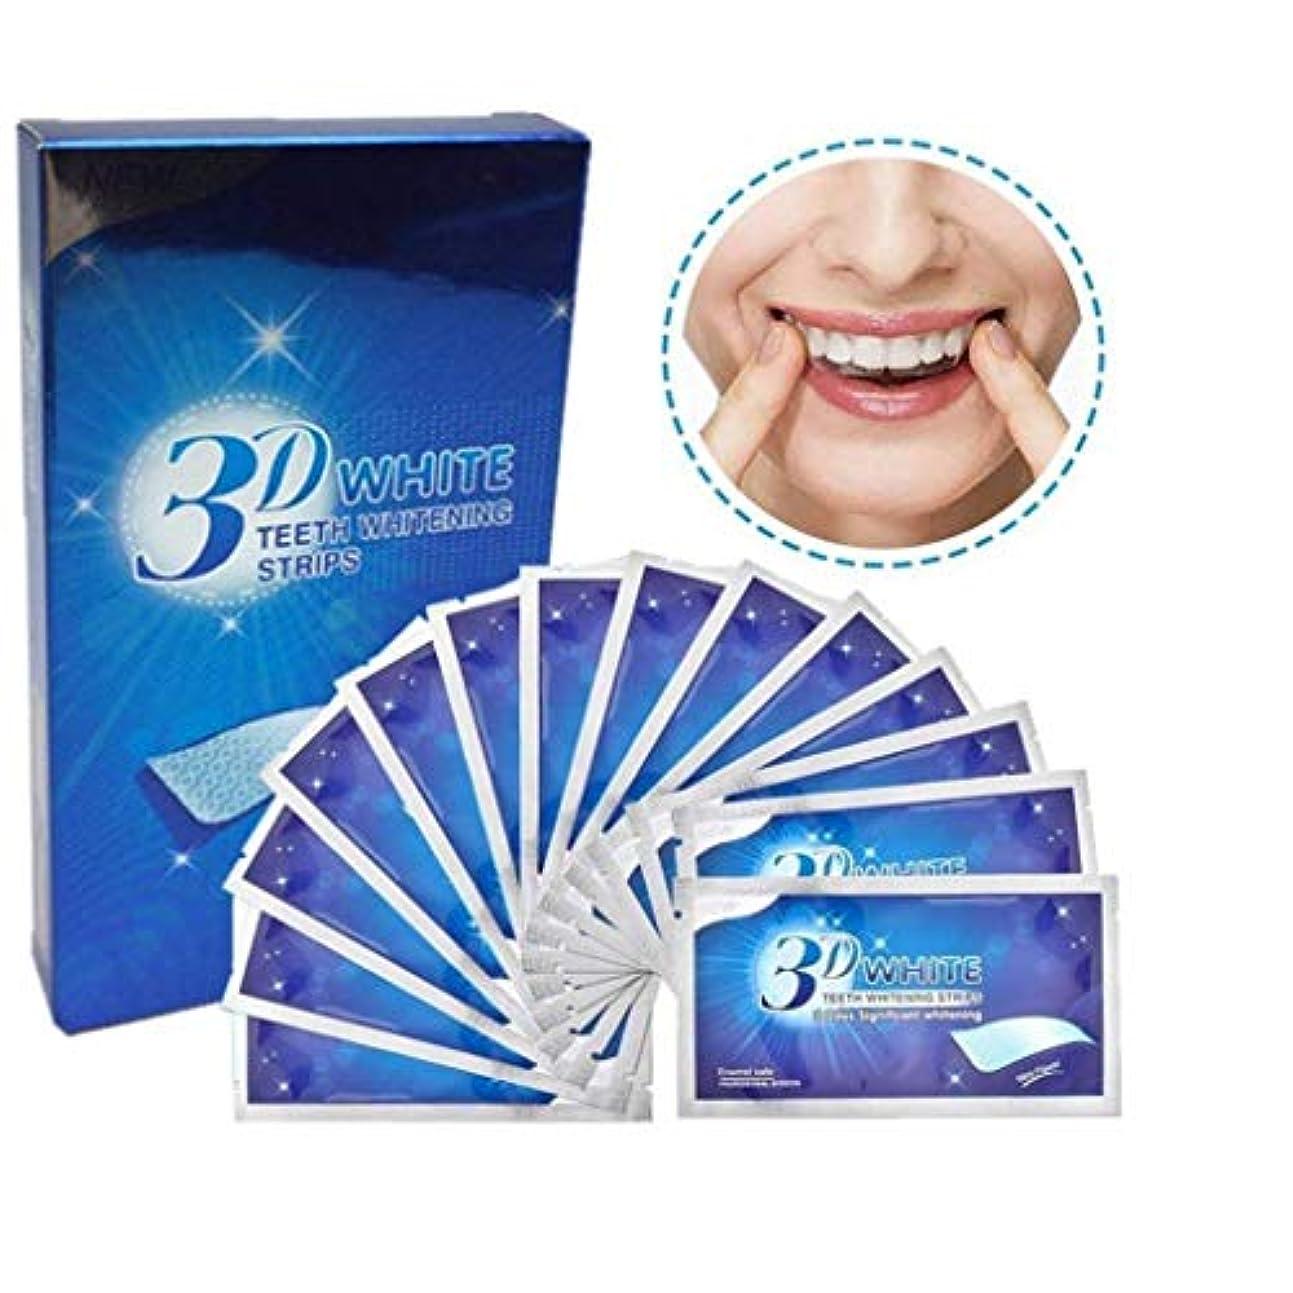 ブースト時間連隊WENER 歯を白くするストリップ、プロフェッショナルな歯を漂白するゲルストリップ有効な歯科用ケアキット歯垢を除去しますー14パック28枚 ドライ ホワイトニング